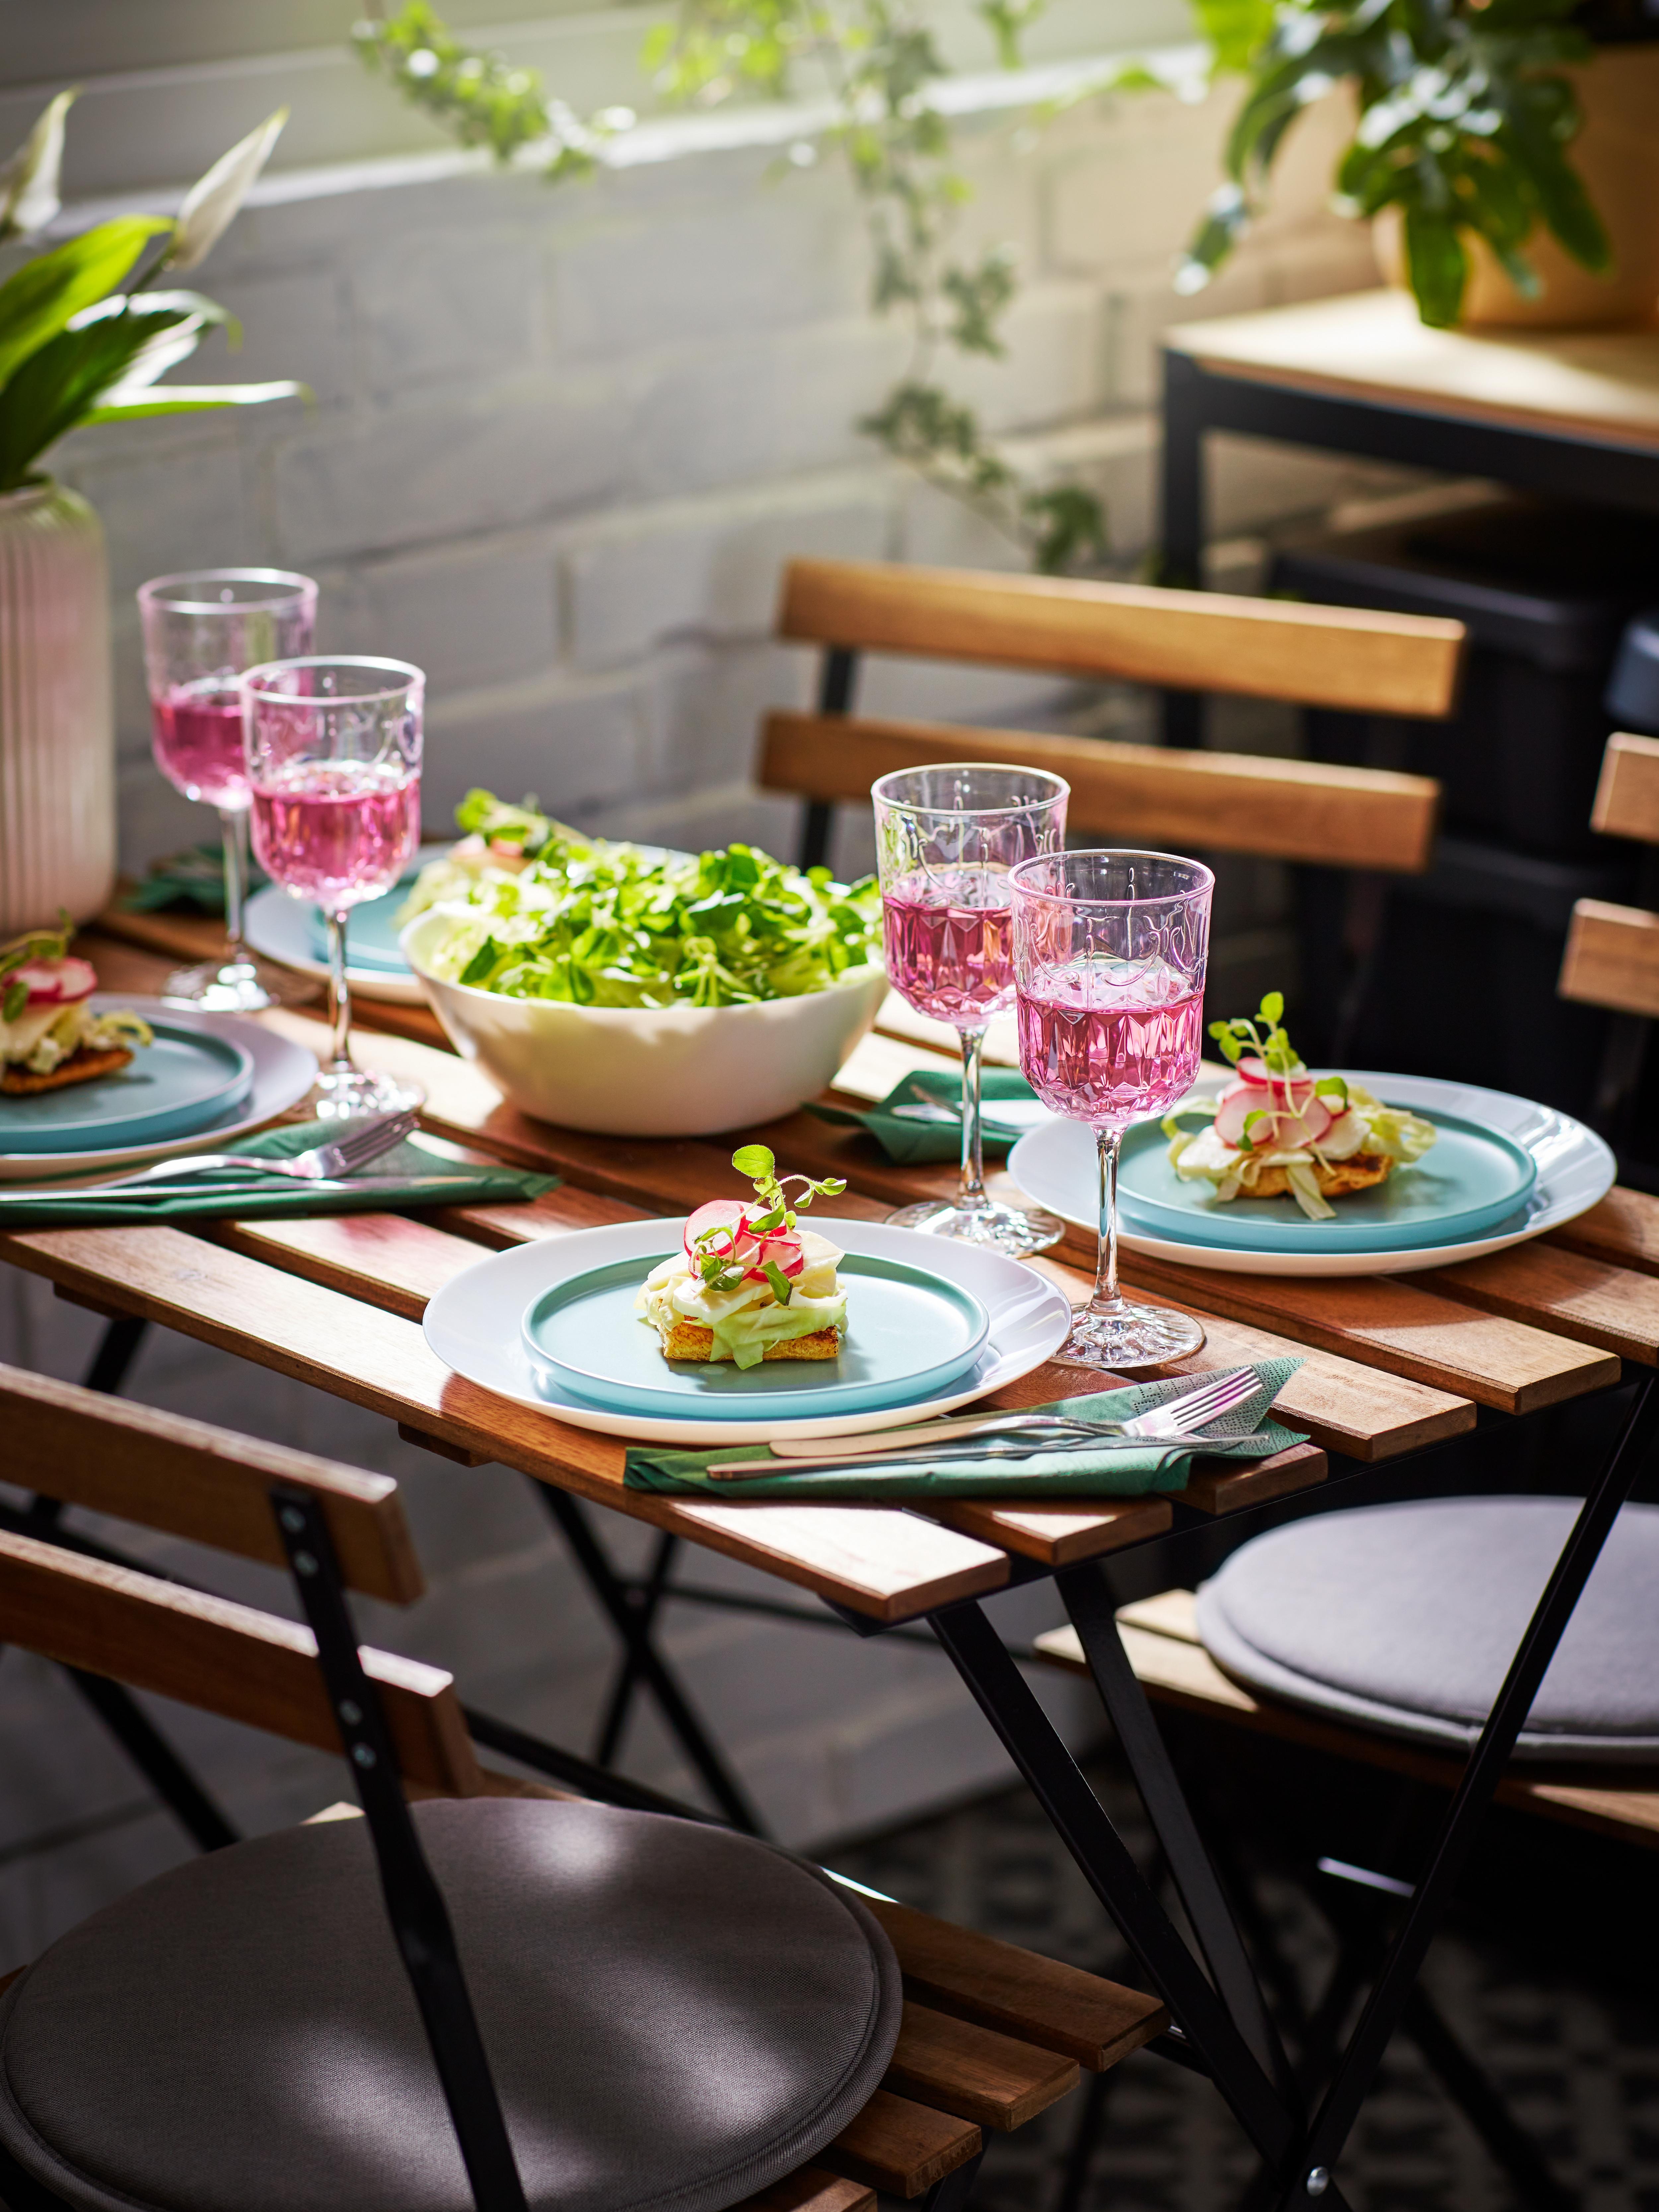 Une table de jardin pour un petit repas; des verres à vin, de la salade dans un bol OFTAST blanc et des entrées sur des assiettes KEJSERLIG turquoises.